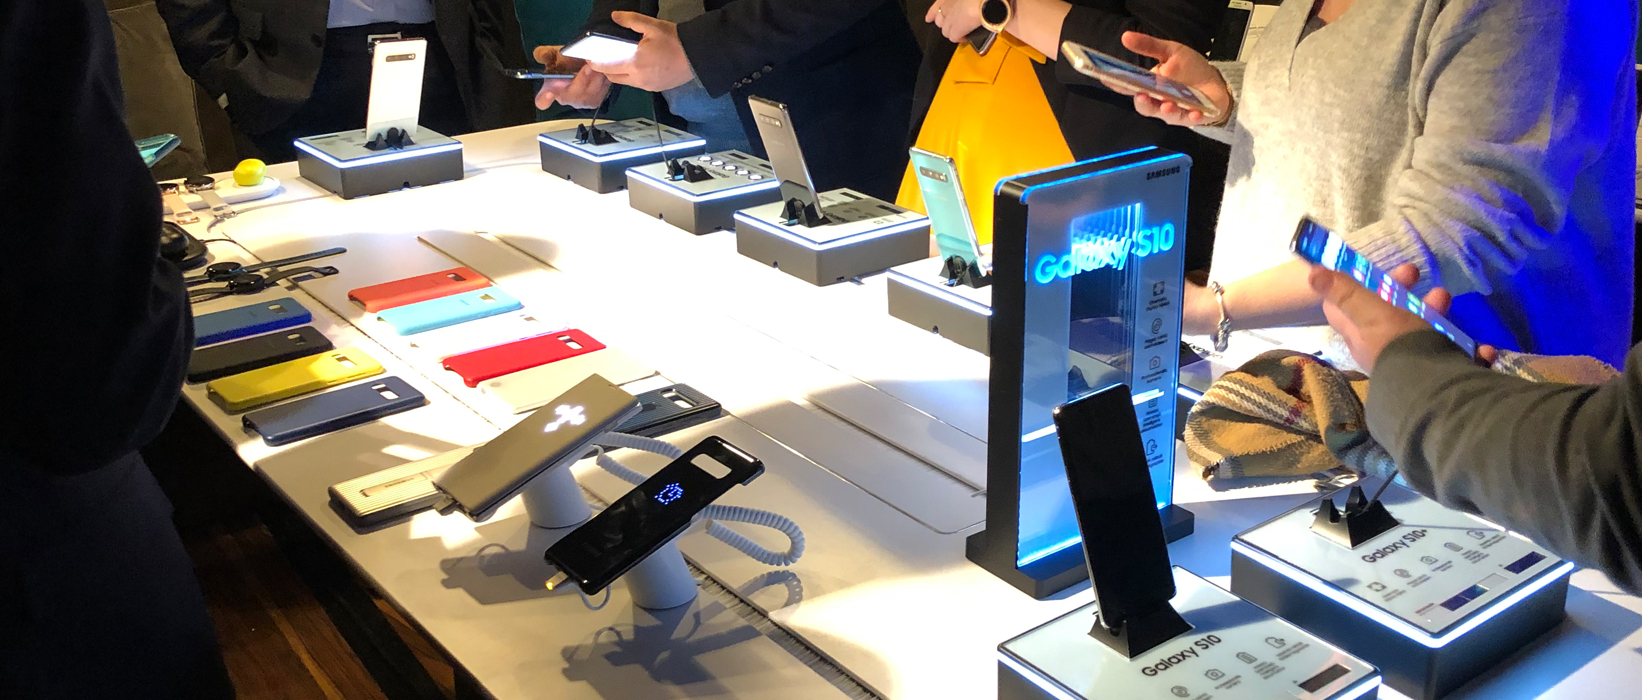 Bemutatkozott a Samsung Galaxy S10 család, a Galaxy Fold, a Galaxy Watch Active és Fit, illetve a Galaxy Buds